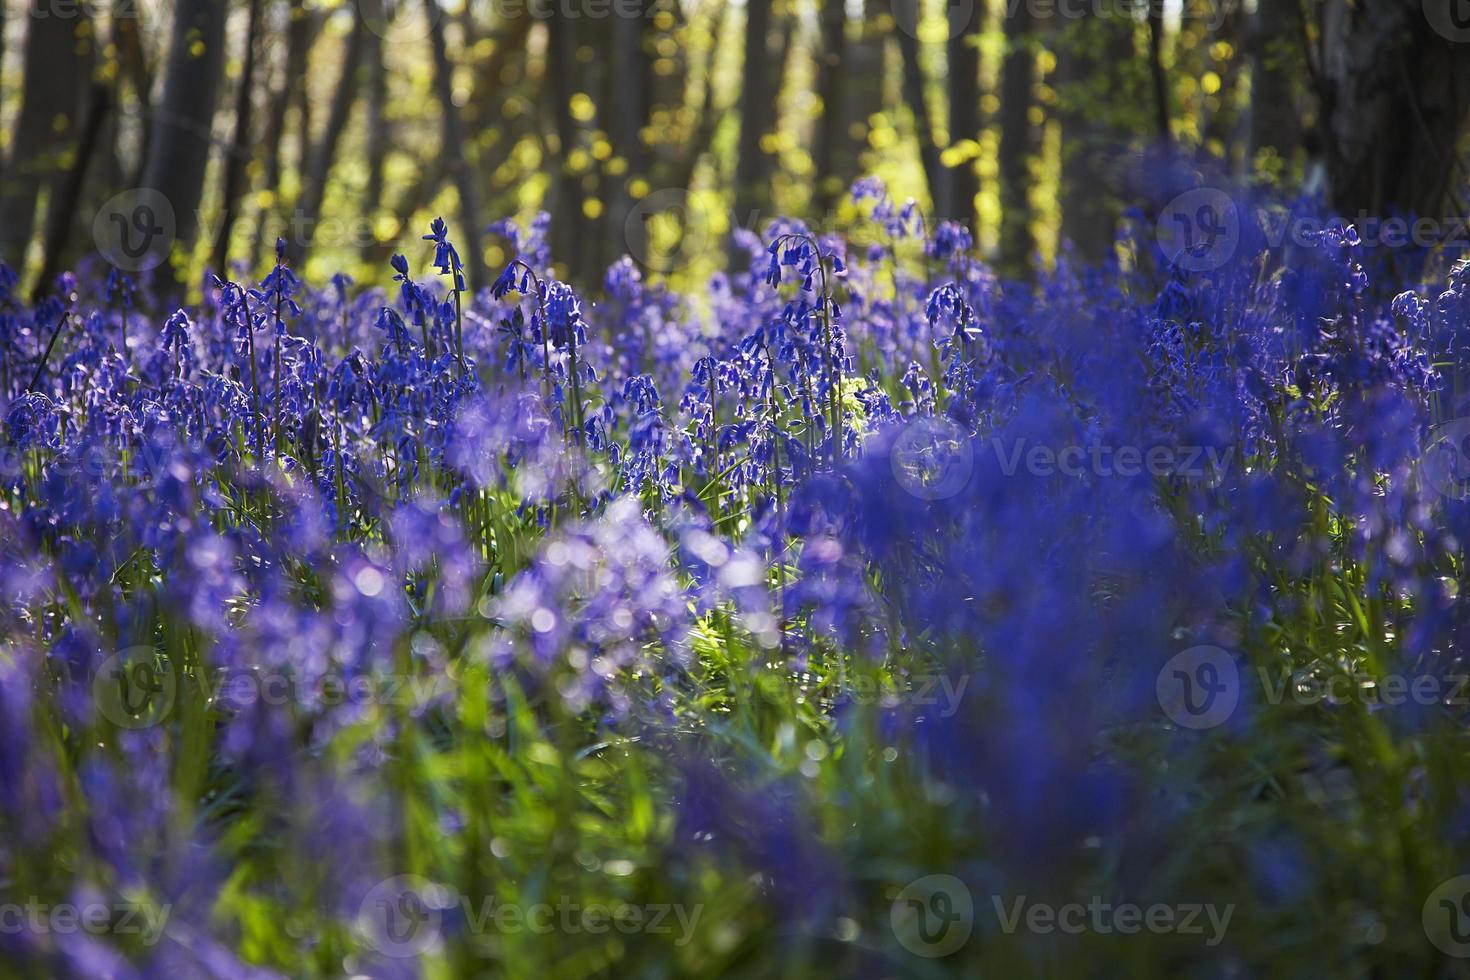 árvores e flores em uma floresta foto